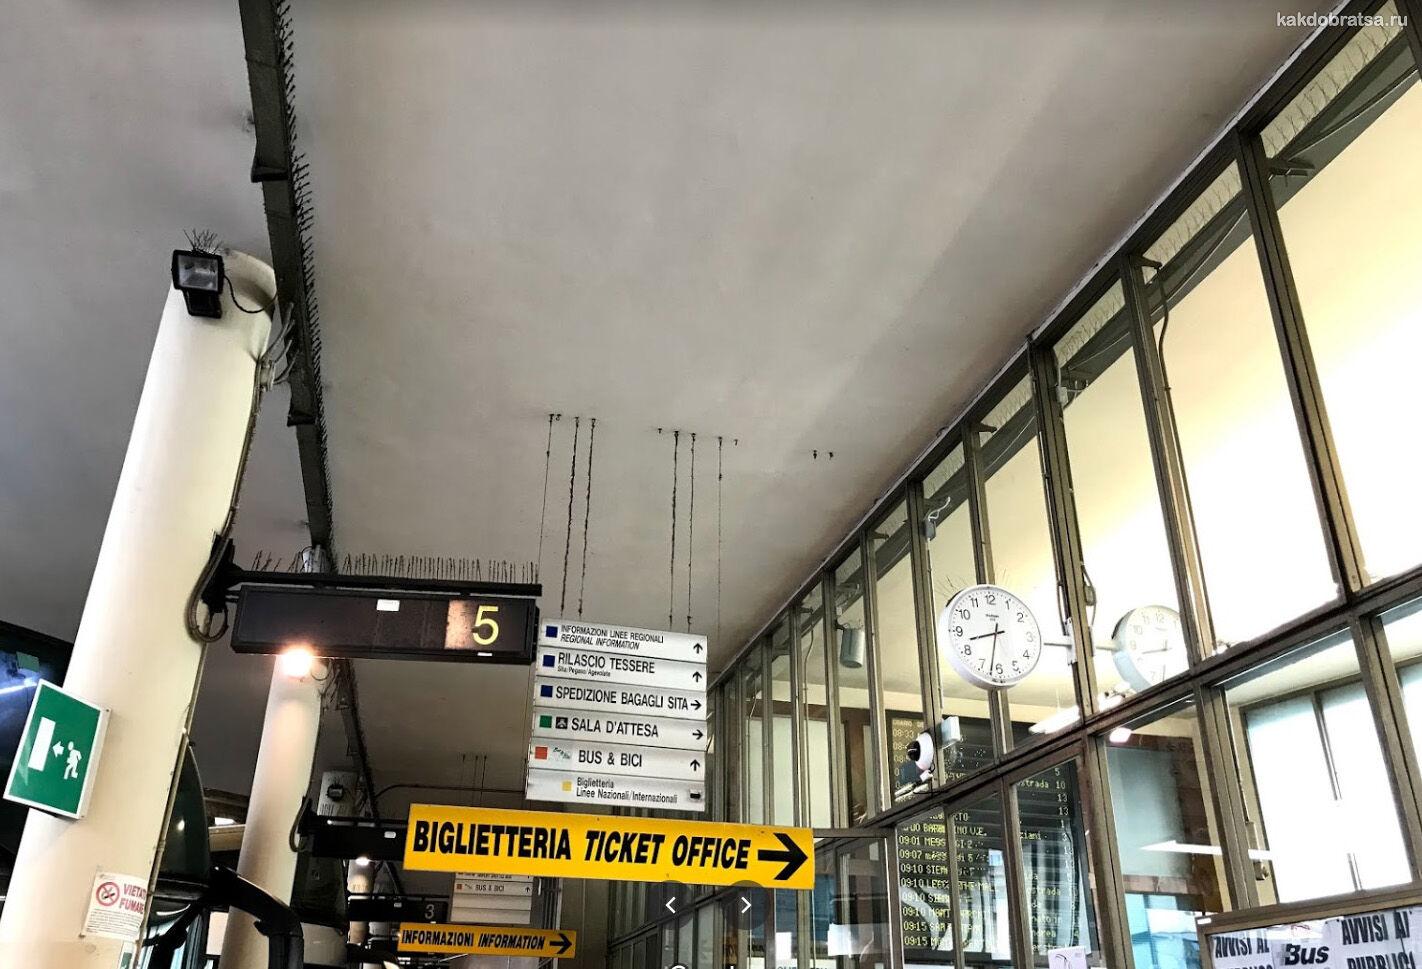 Автовокзал Флоренции услуги и кассы